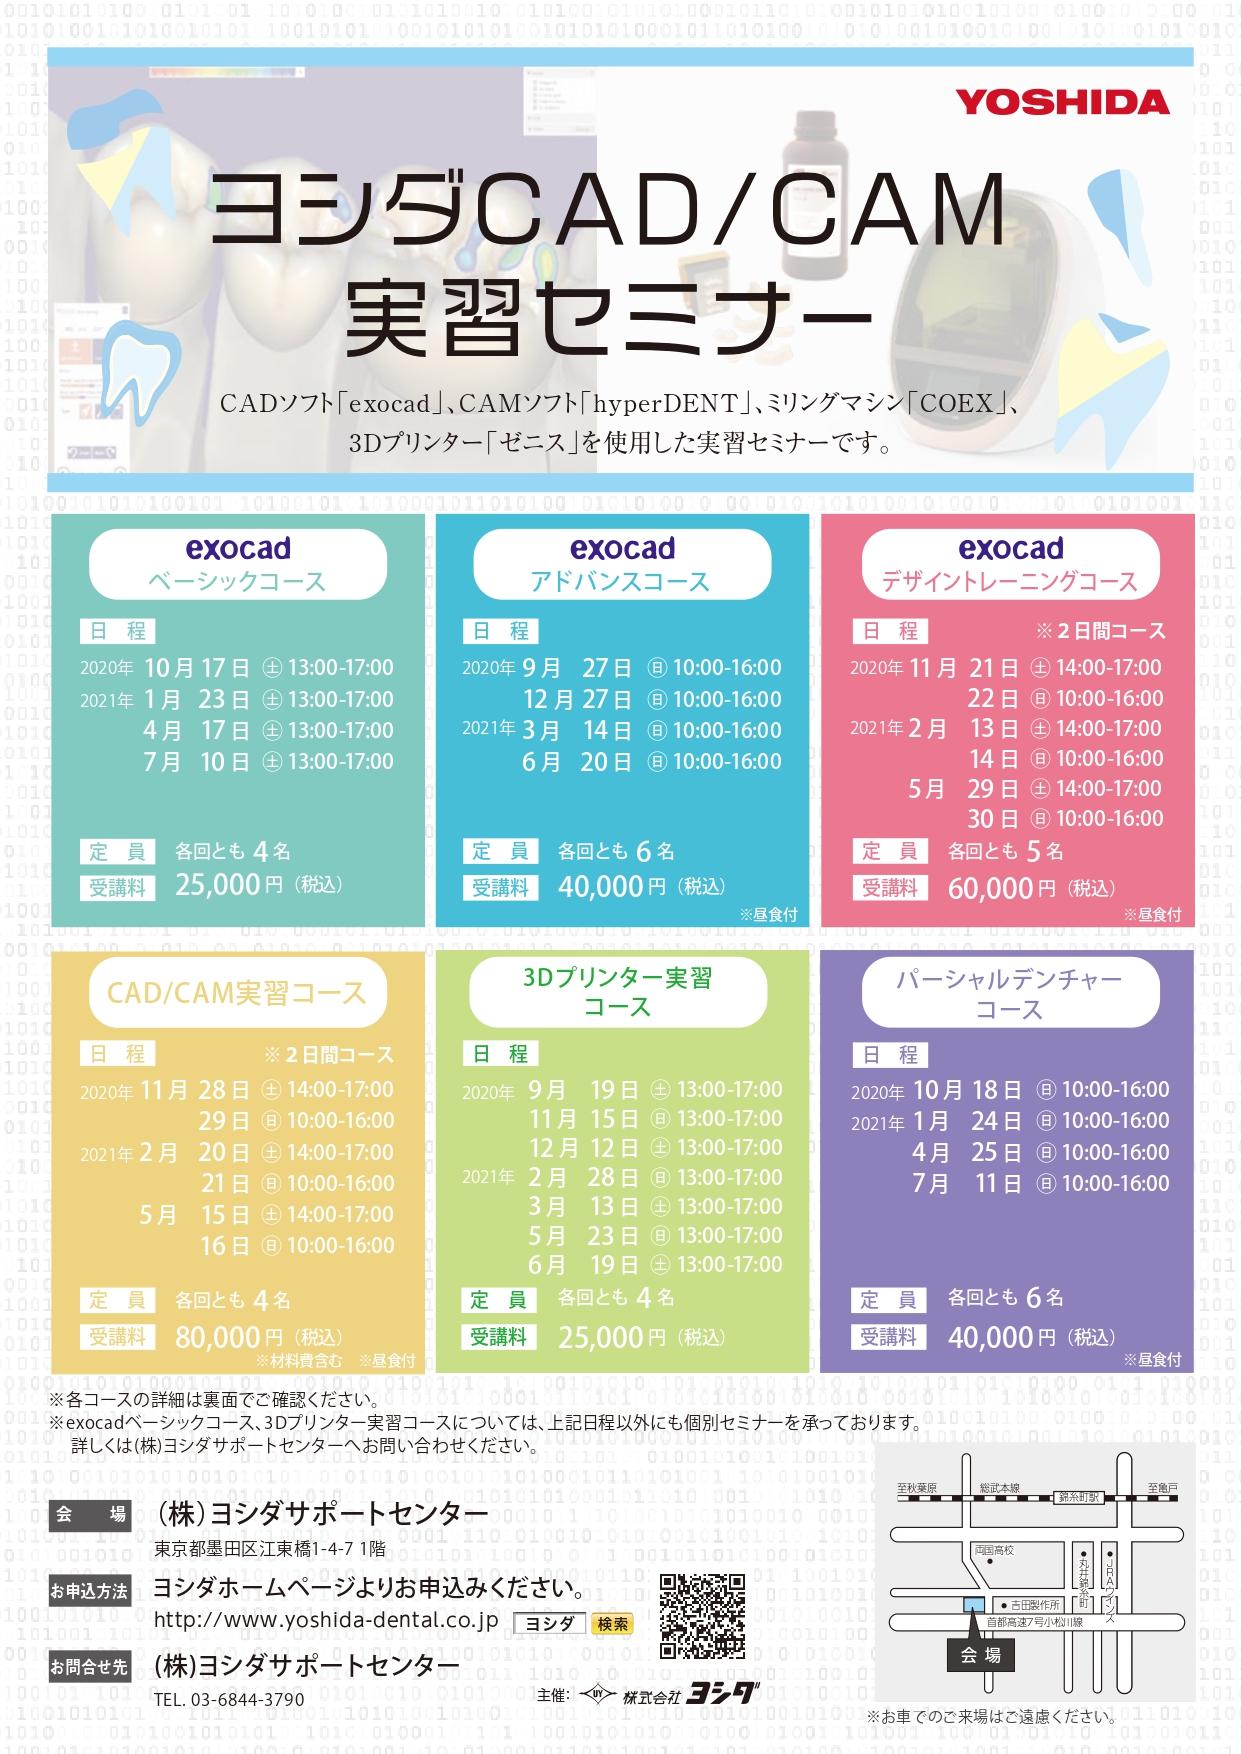 ヨシダCAD/CAM 実習セミナー 3Dプリンター実習コース